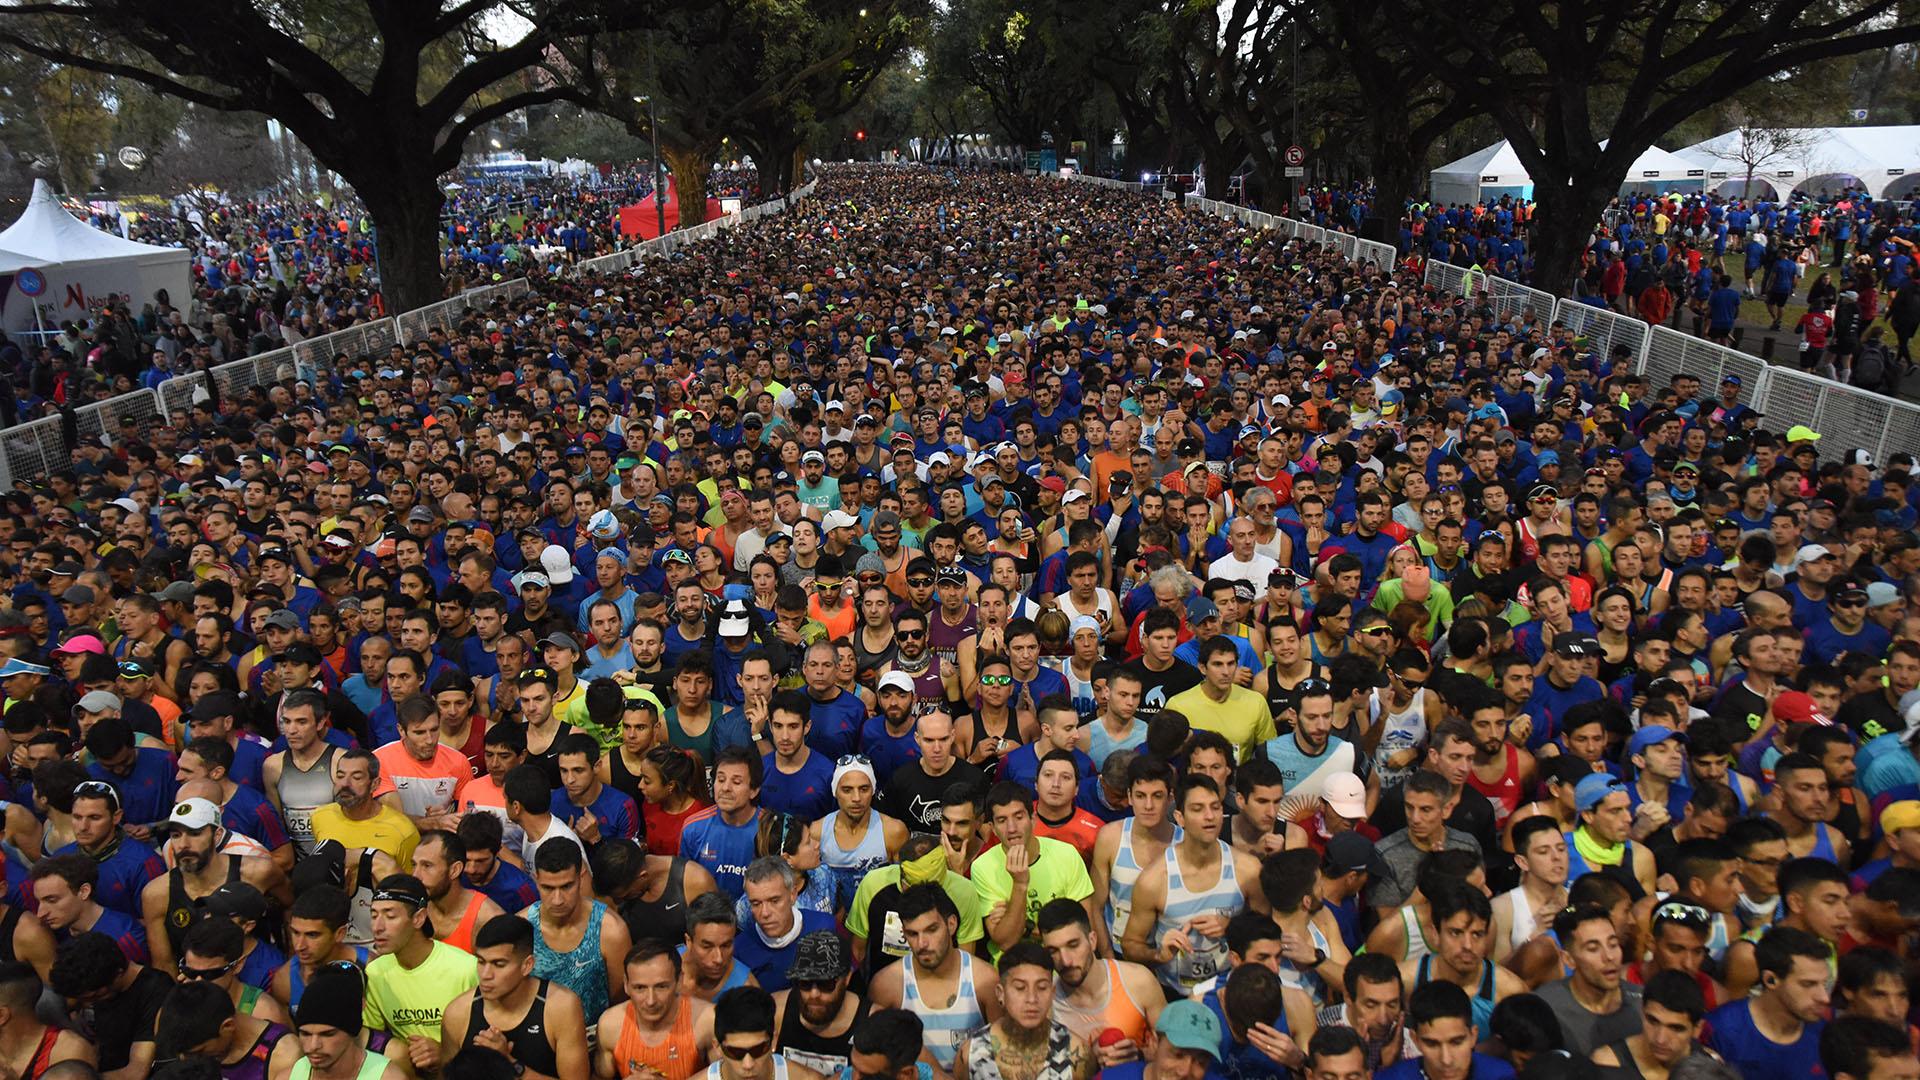 Una multitud se hizo presente en Figueroa Alcorta y Monroe para el comienzo de la carrera